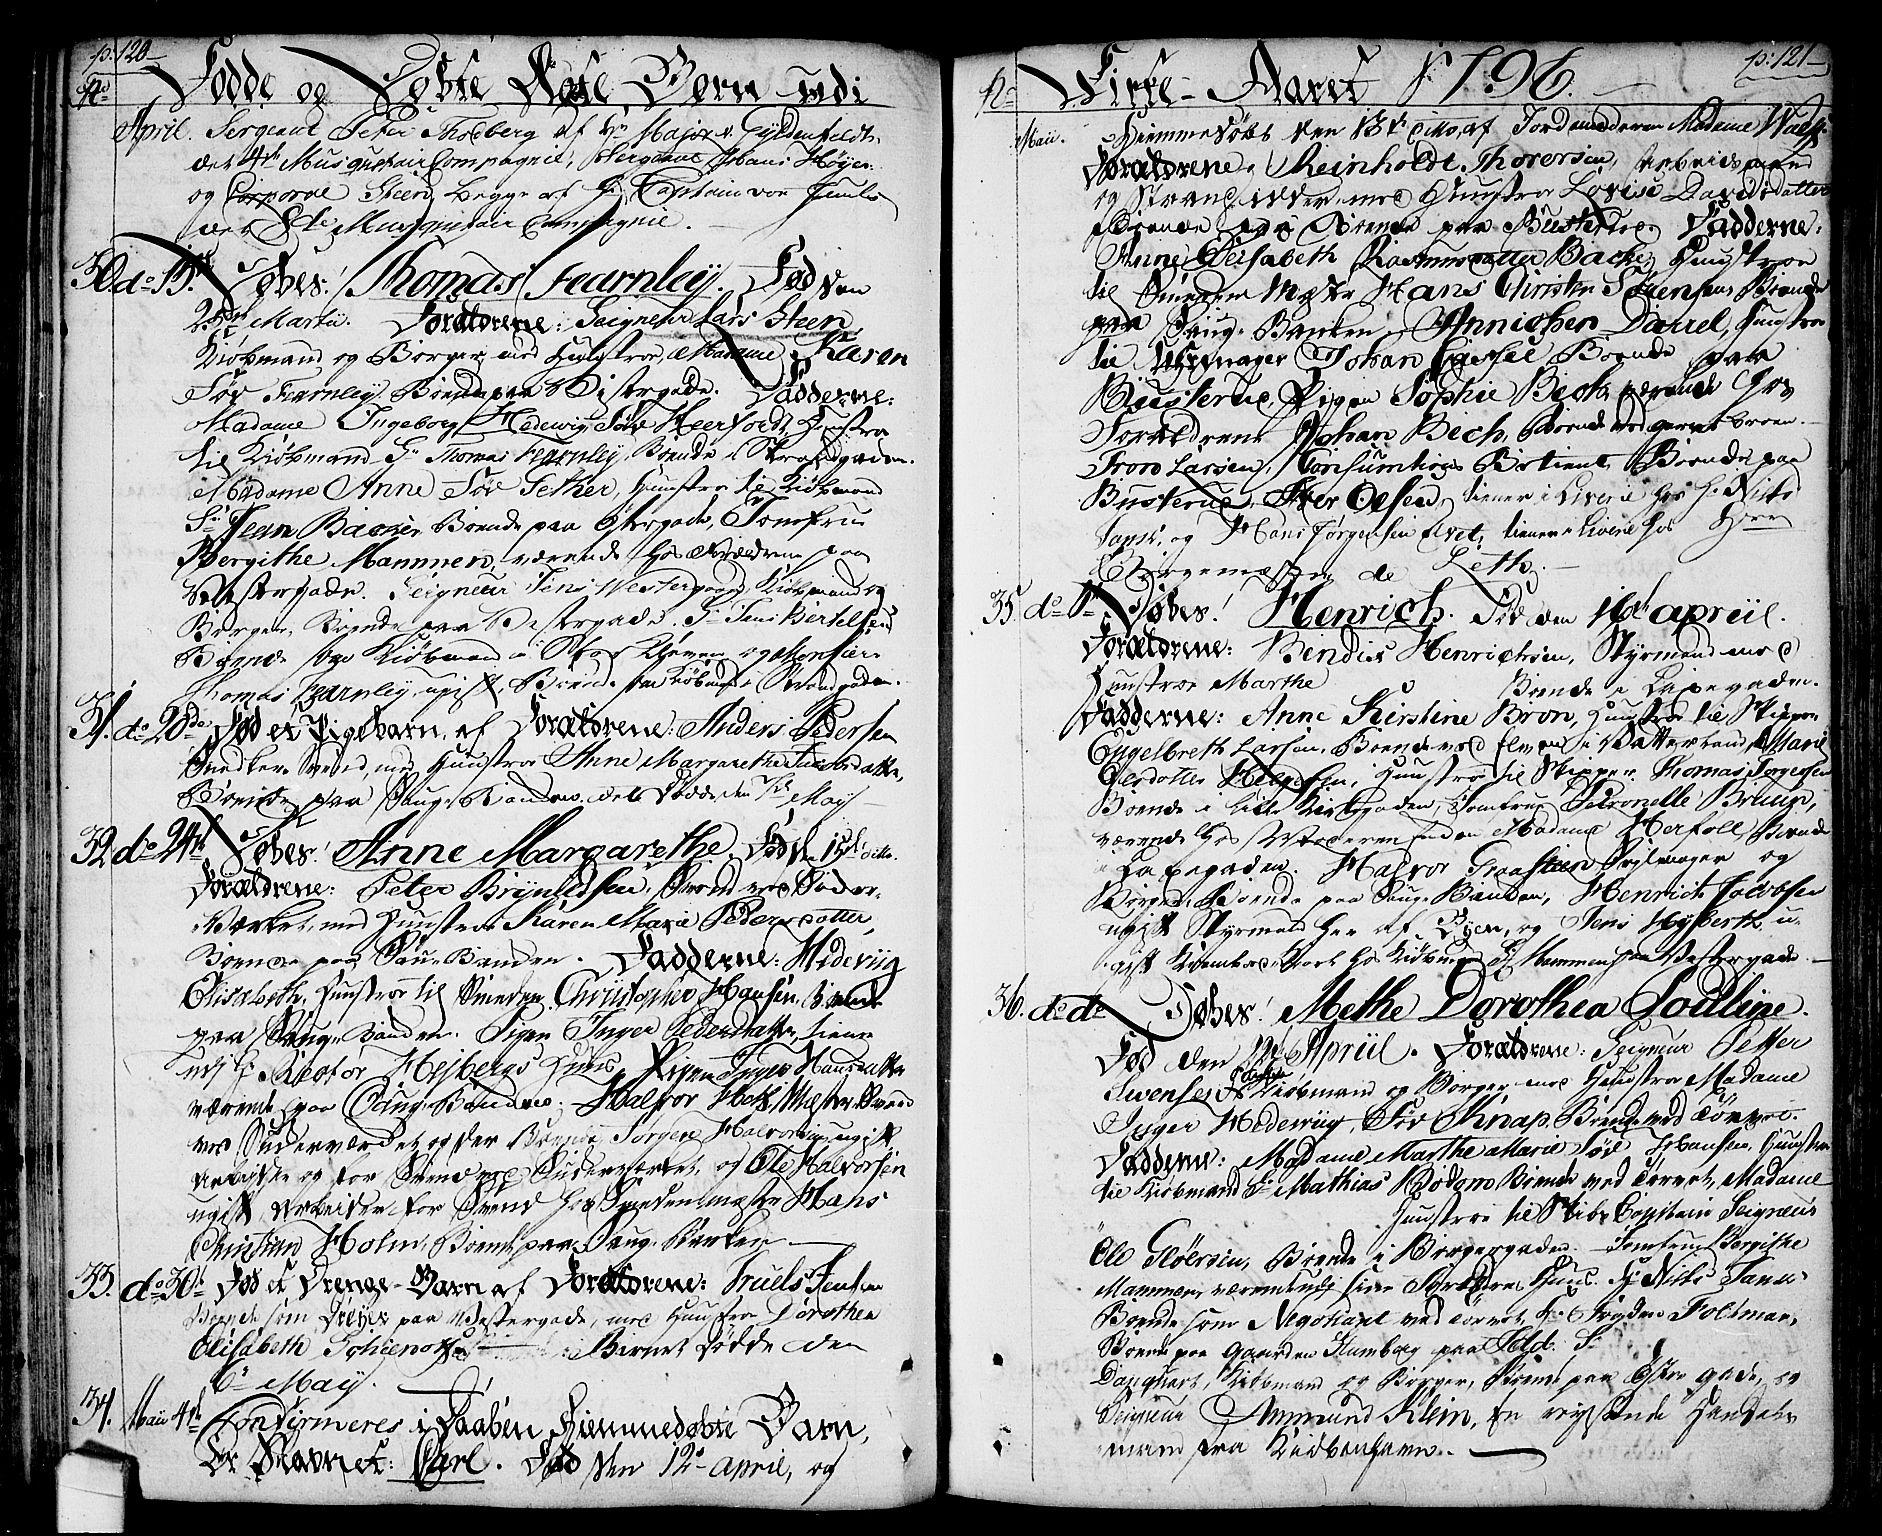 SAO, Halden prestekontor Kirkebøker, F/Fa/L0002: Ministerialbok nr. I 2, 1792-1812, s. 120-121